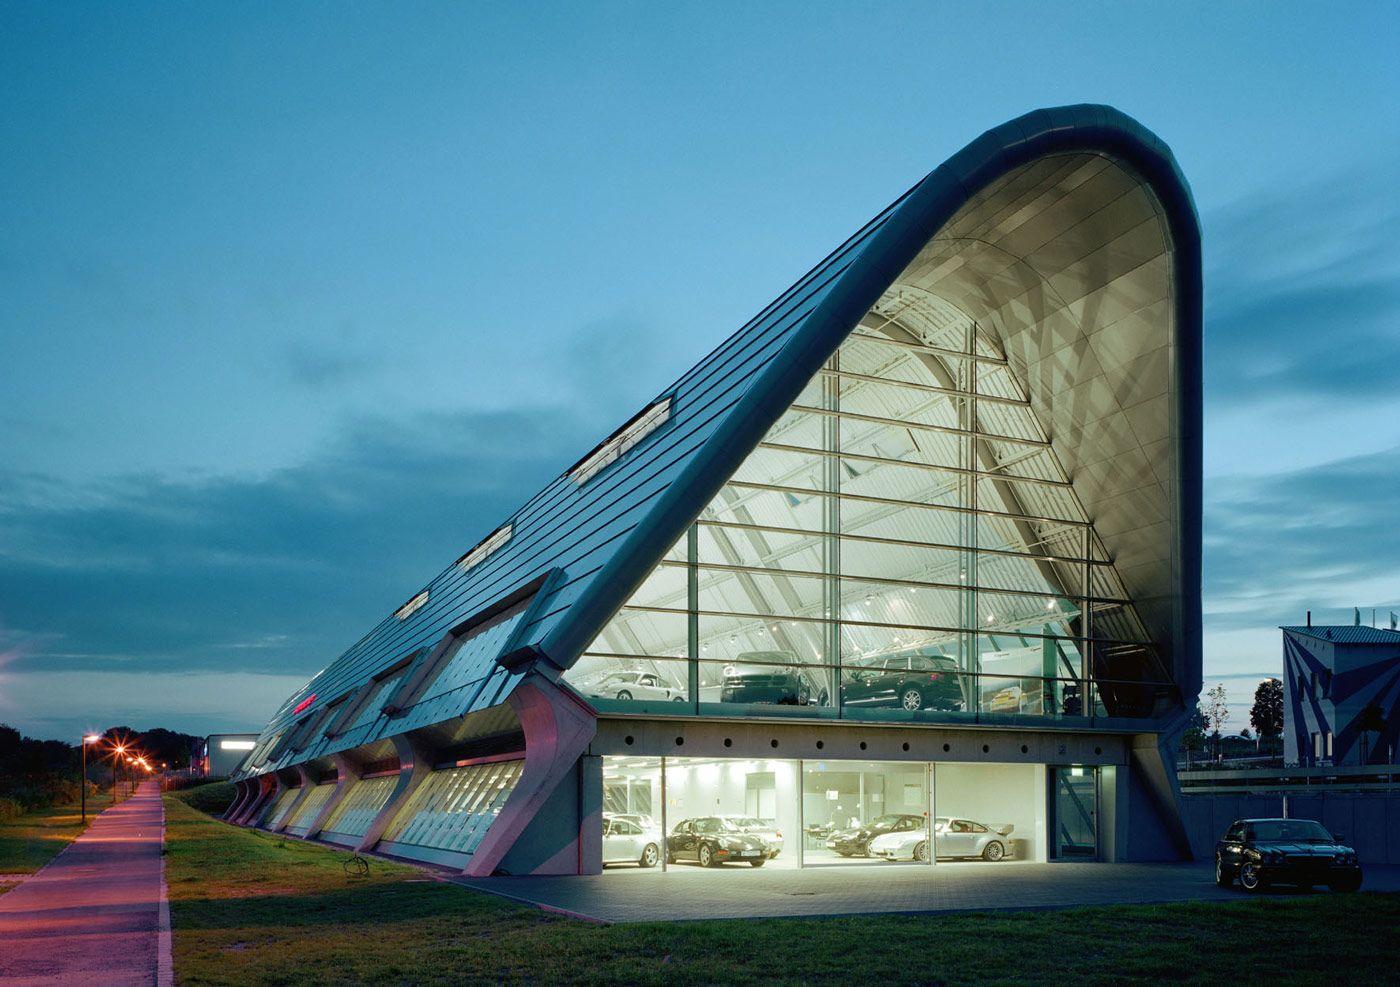 Architekten Dortmund petersen architekten projekte gesamt porsche zentrum am